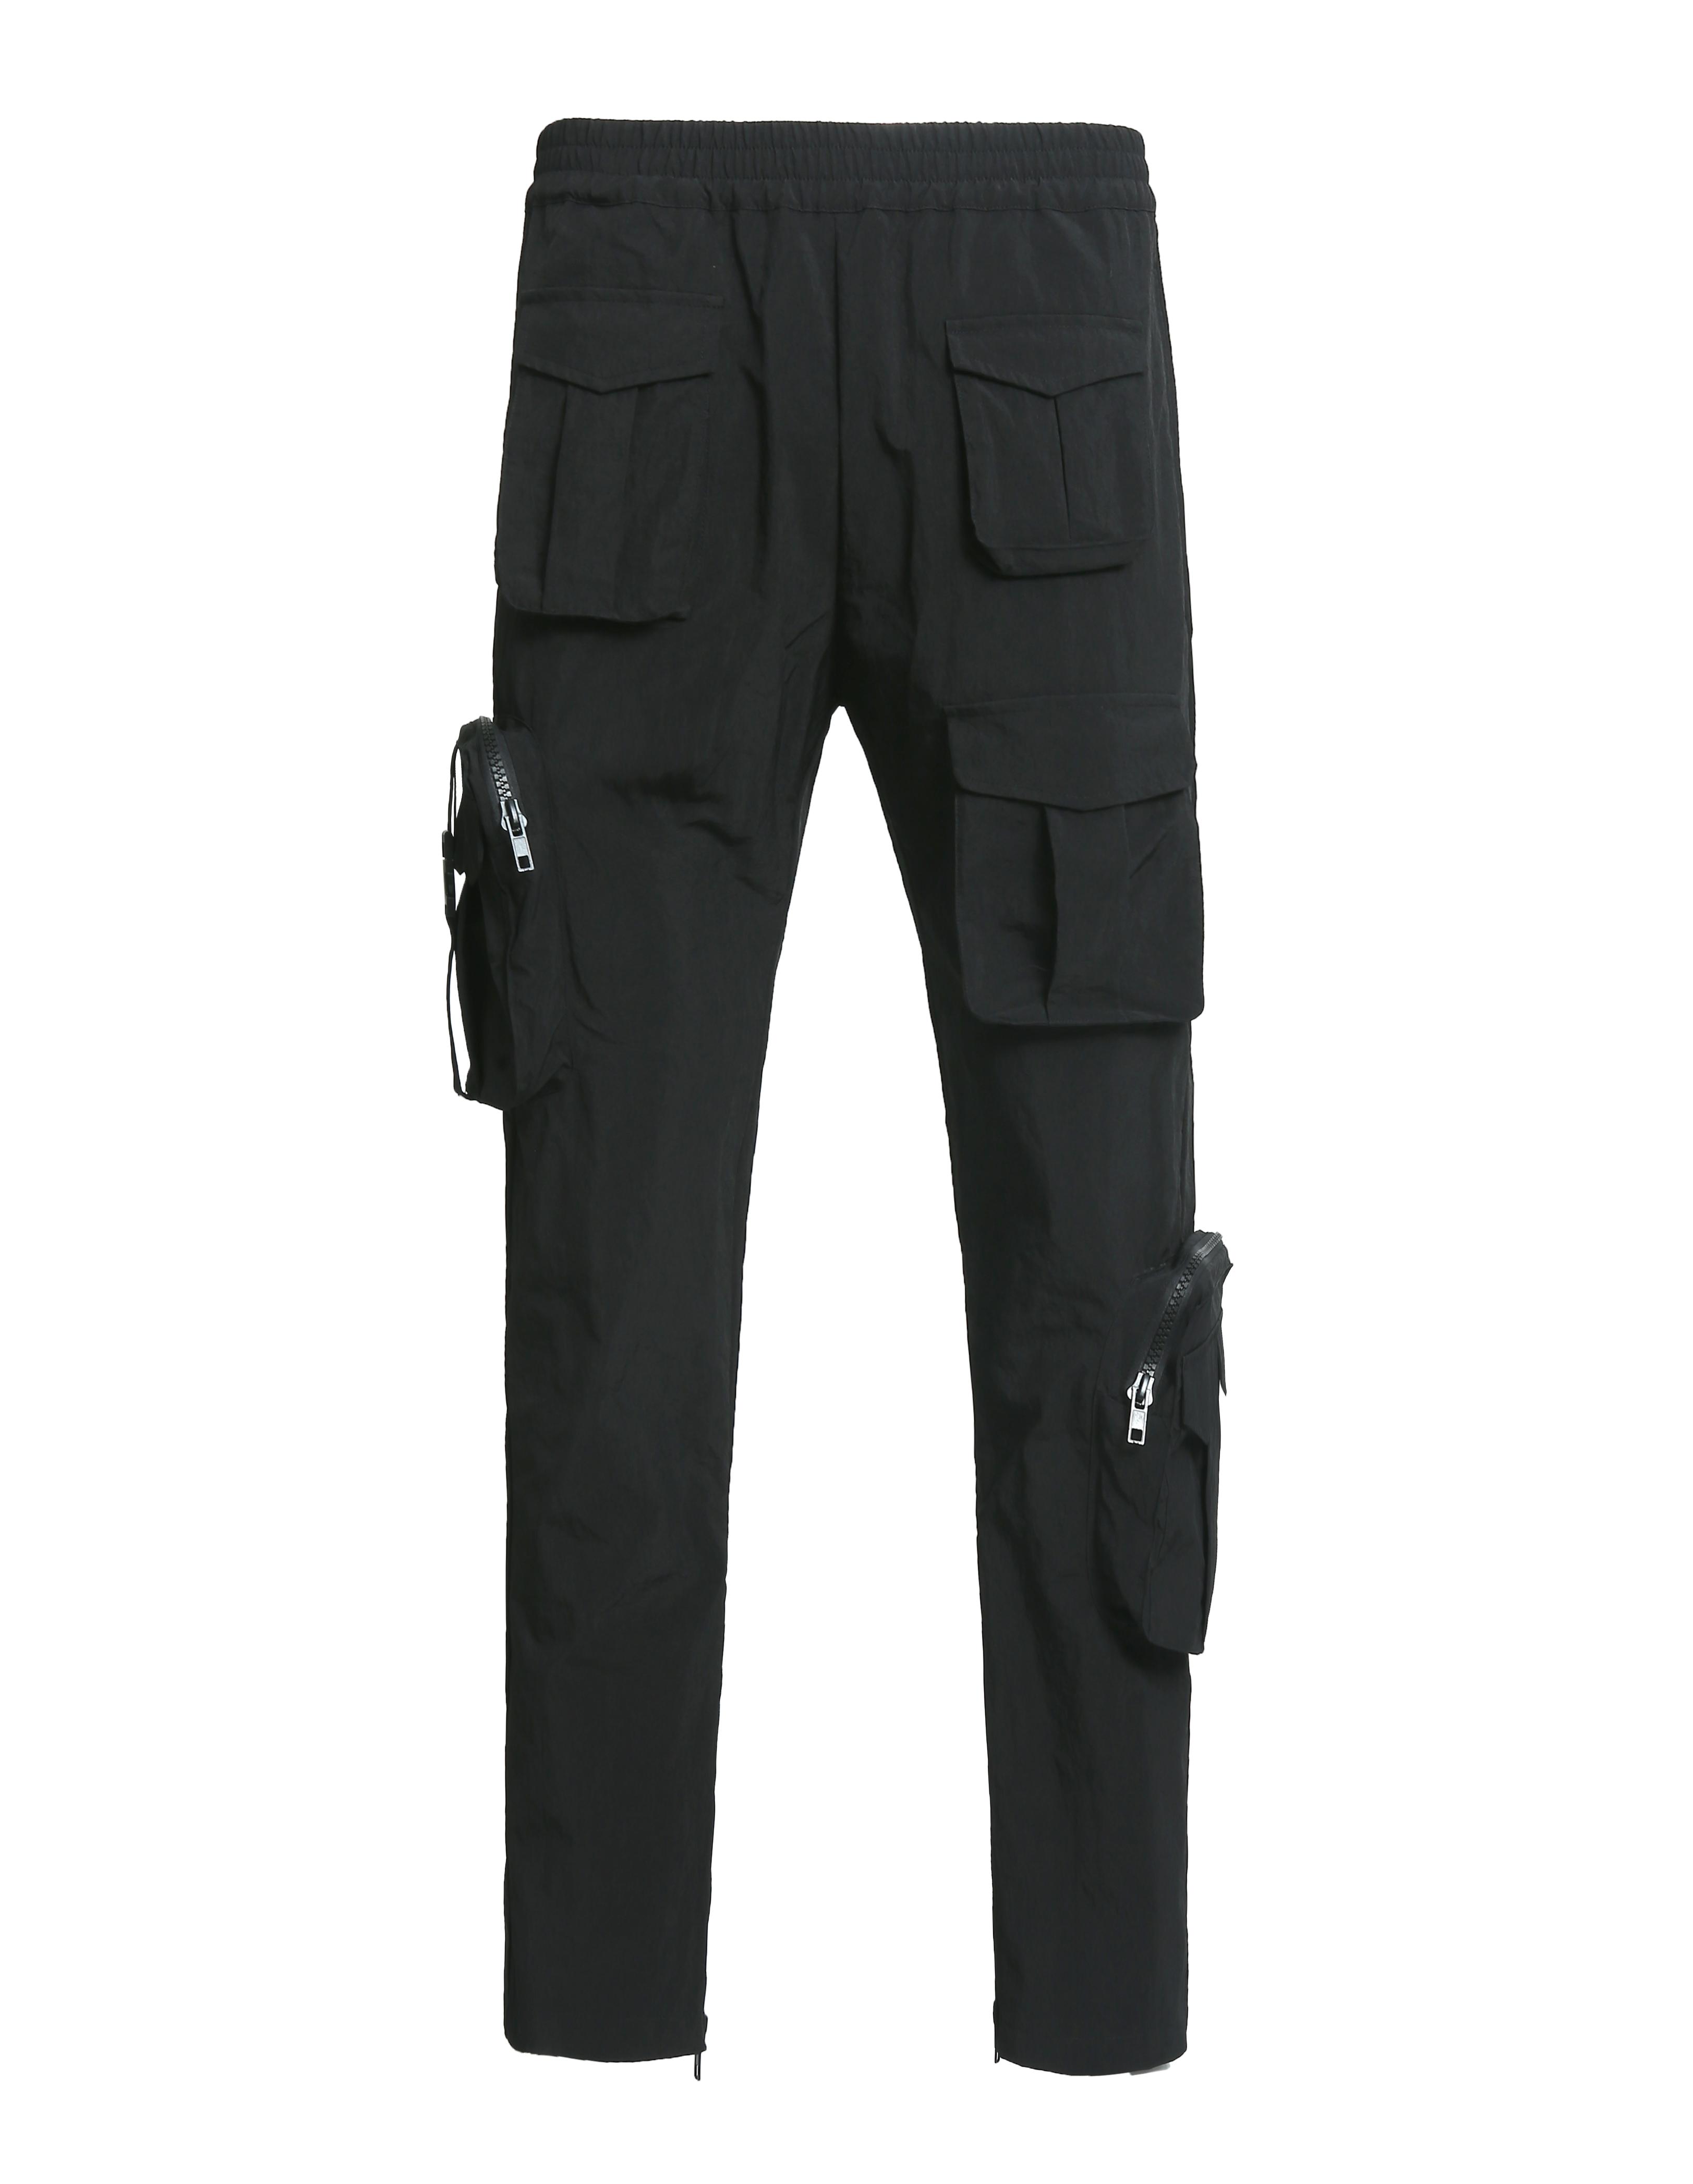 AciDKid美式休闲青春流行原创设计师多口袋街头战术工装运动长裤